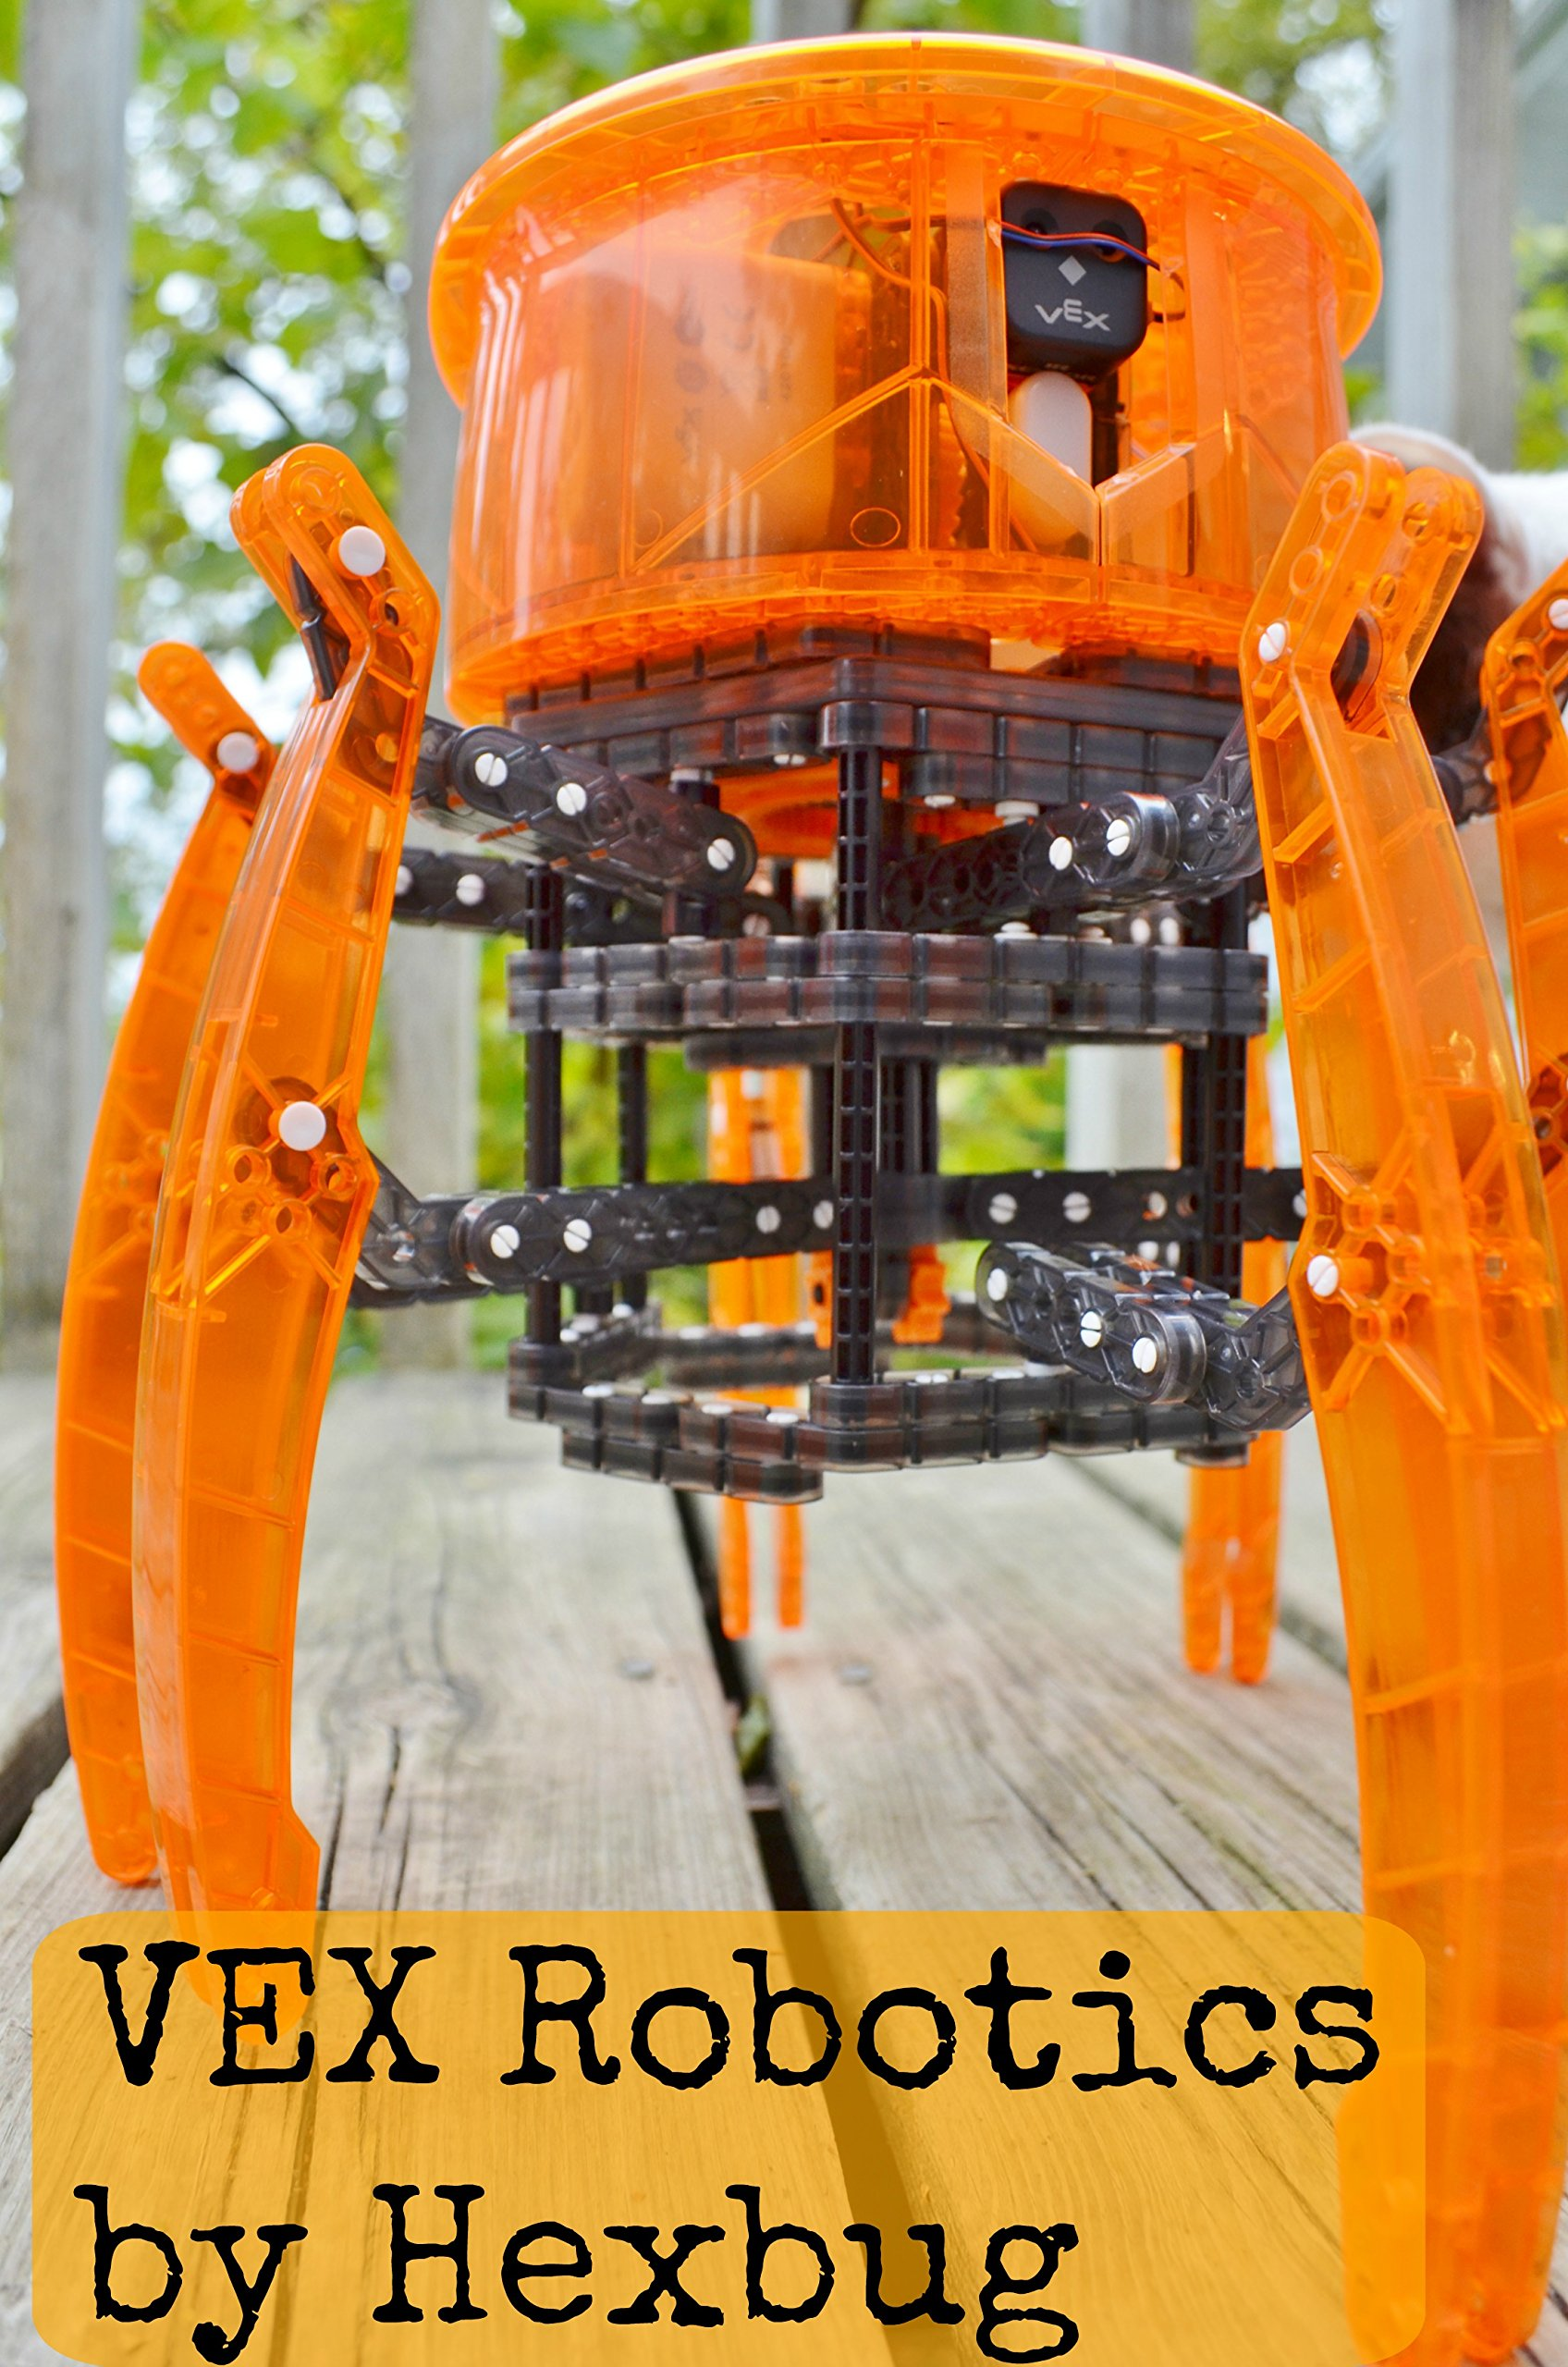 Vex Robotics Giant Walking Robot